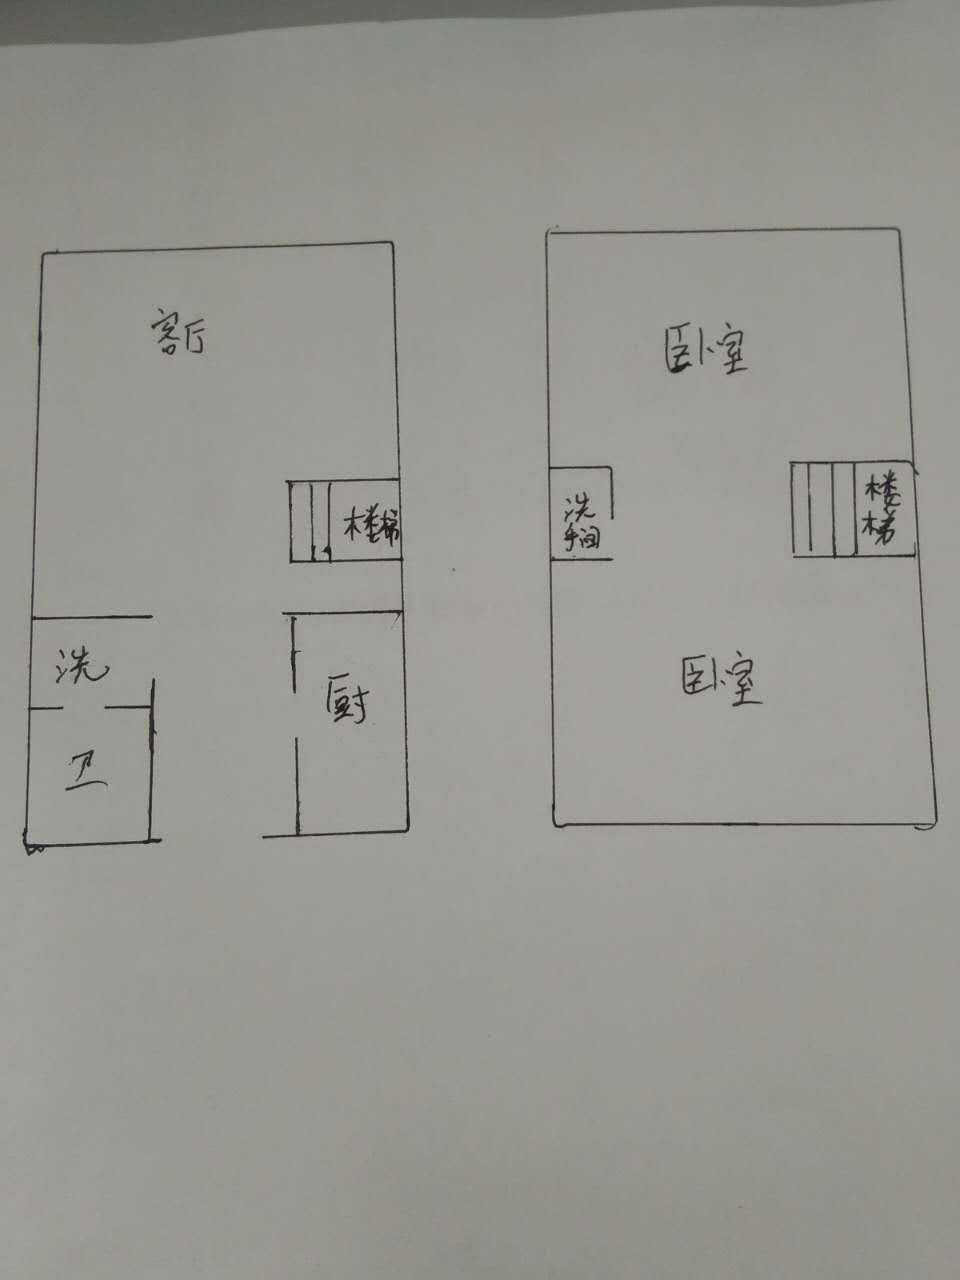 未来城 2室2厅 13楼